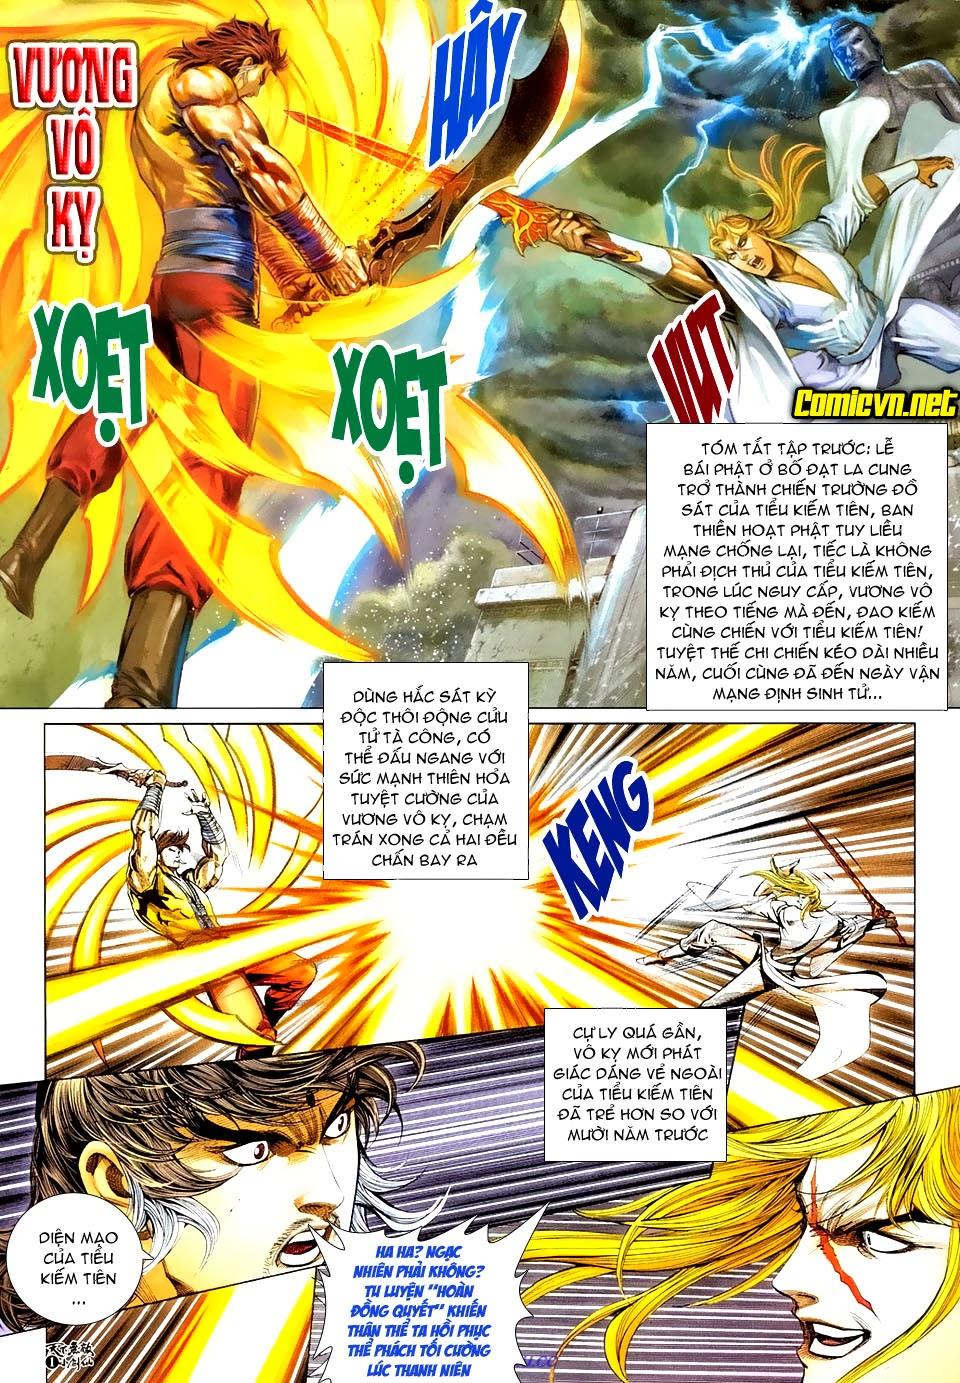 Thiên Hạ Vô Địch Tiểu Kiếm Tiên chap 31 - Trang 2